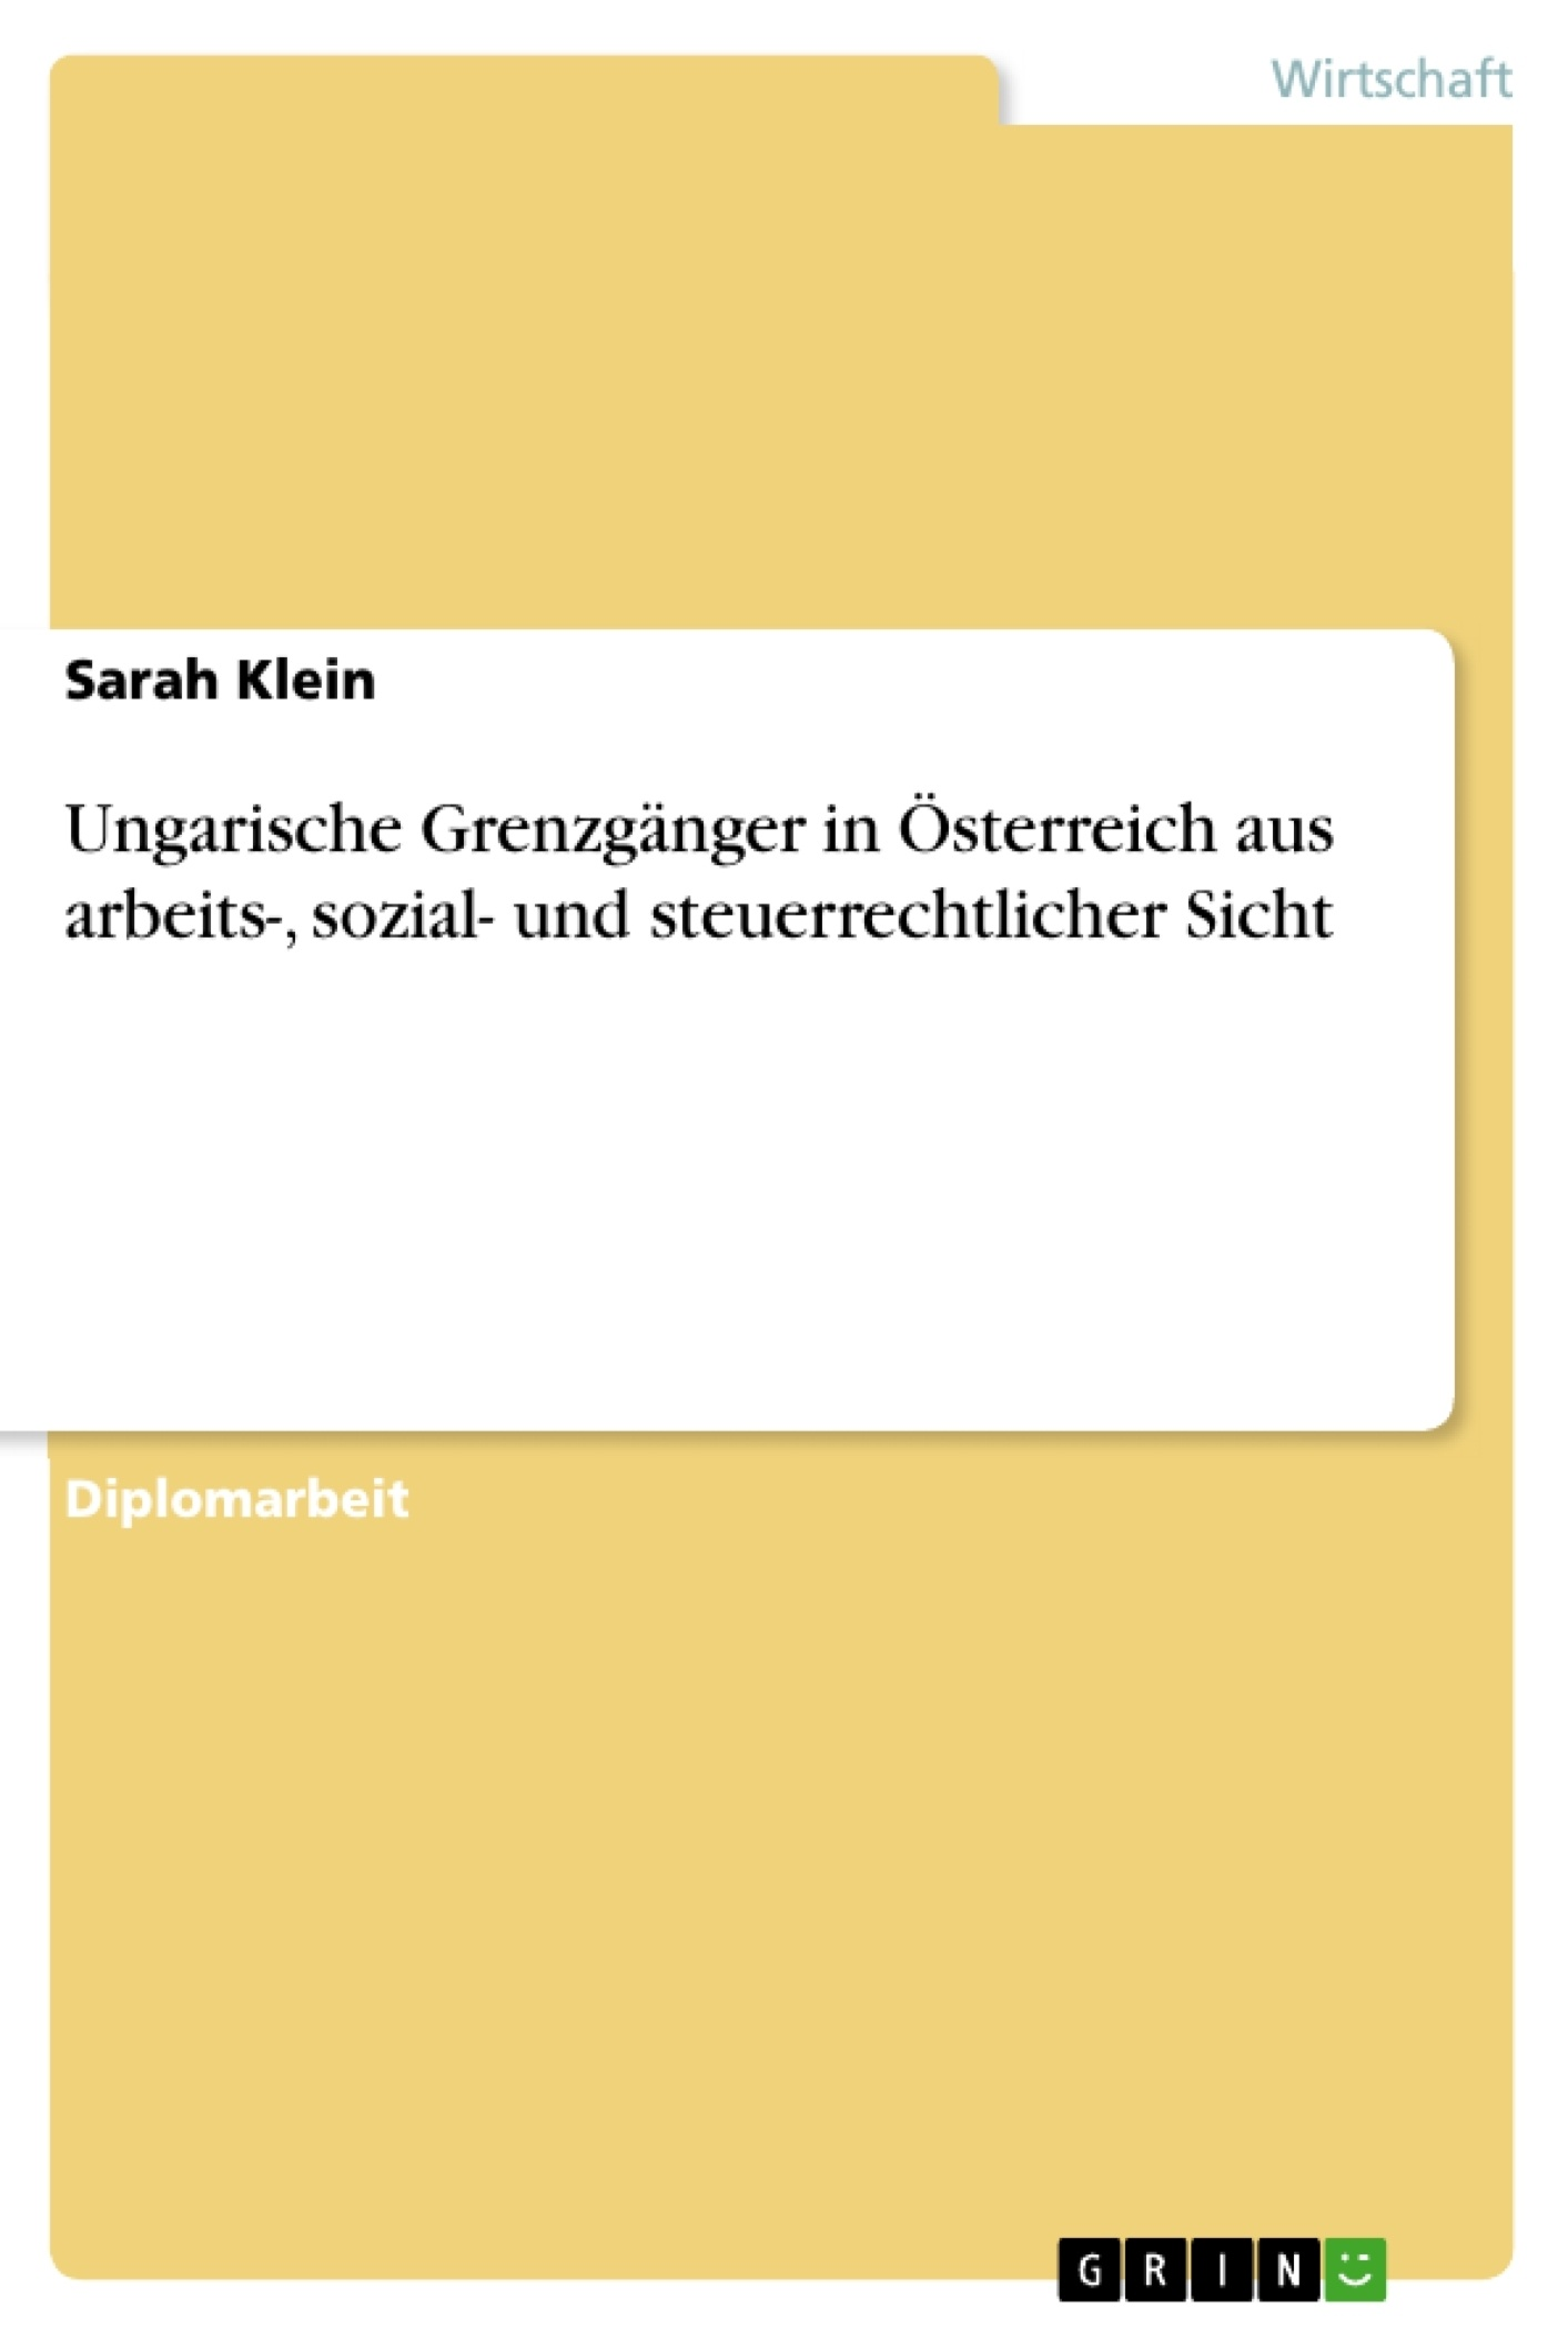 Titel: Ungarische Grenzgänger in Österreich aus arbeits-, sozial- und steuerrechtlicher Sicht